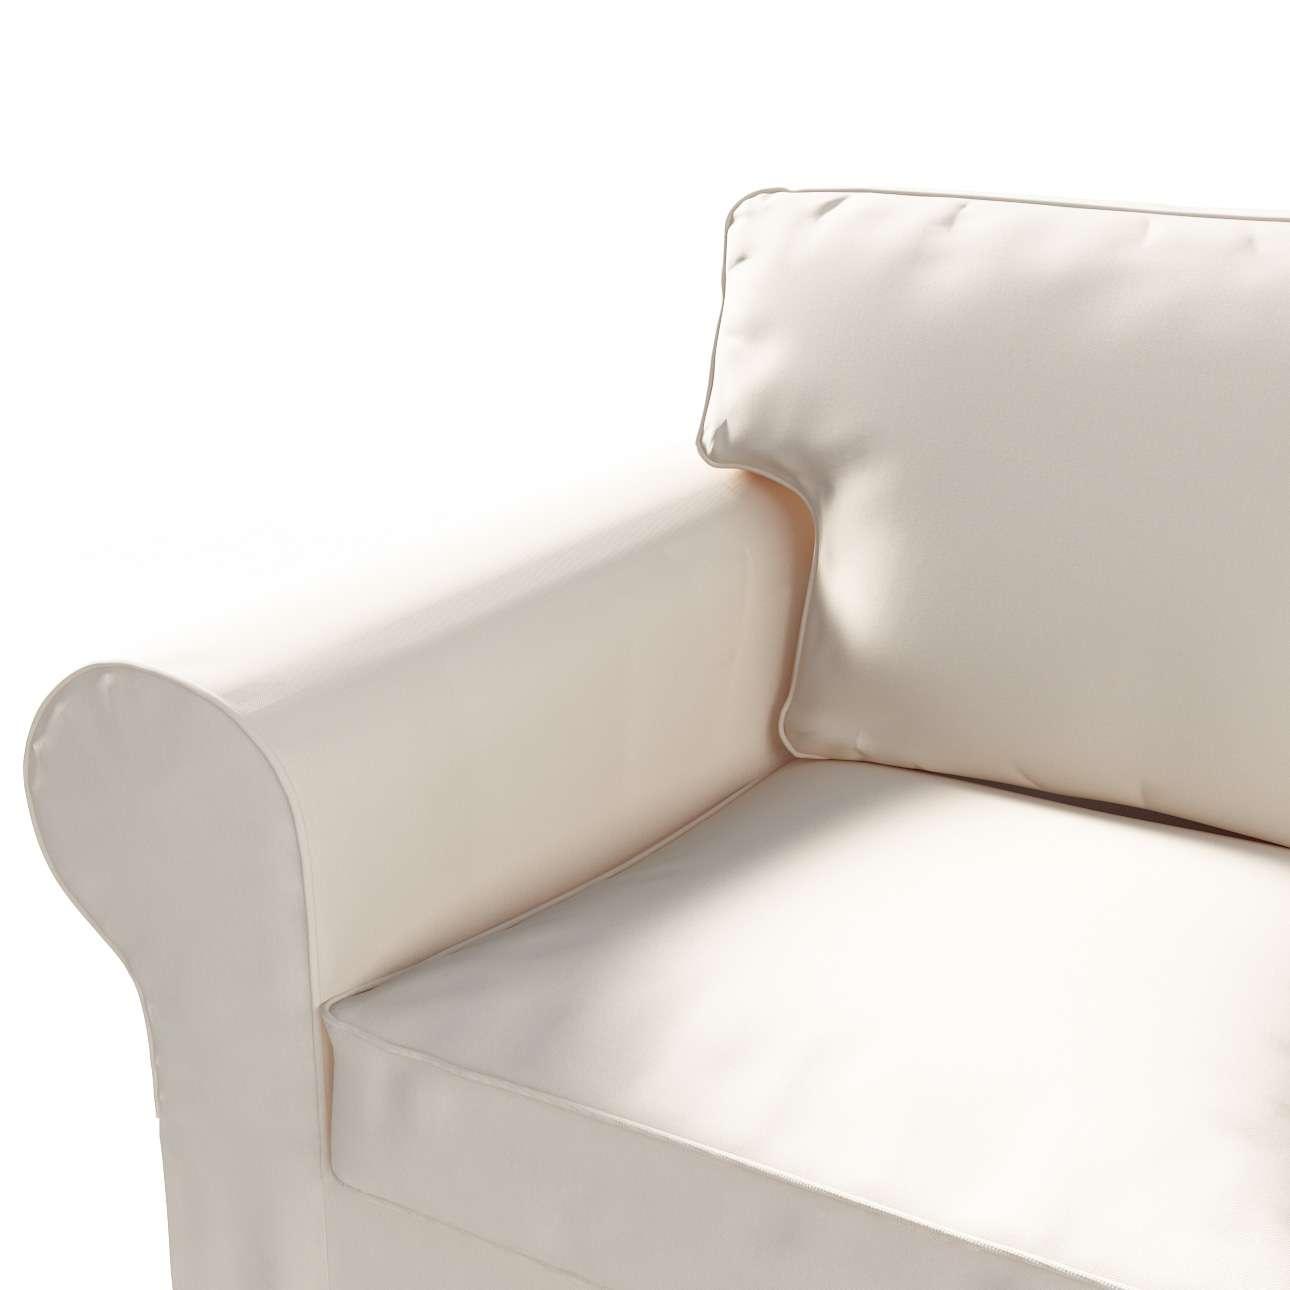 Pokrowiec na sofę Ektorp 3-osobową, nierozkładaną Sofa Ektorp 3-osobowa w kolekcji Etna , tkanina: 705-01